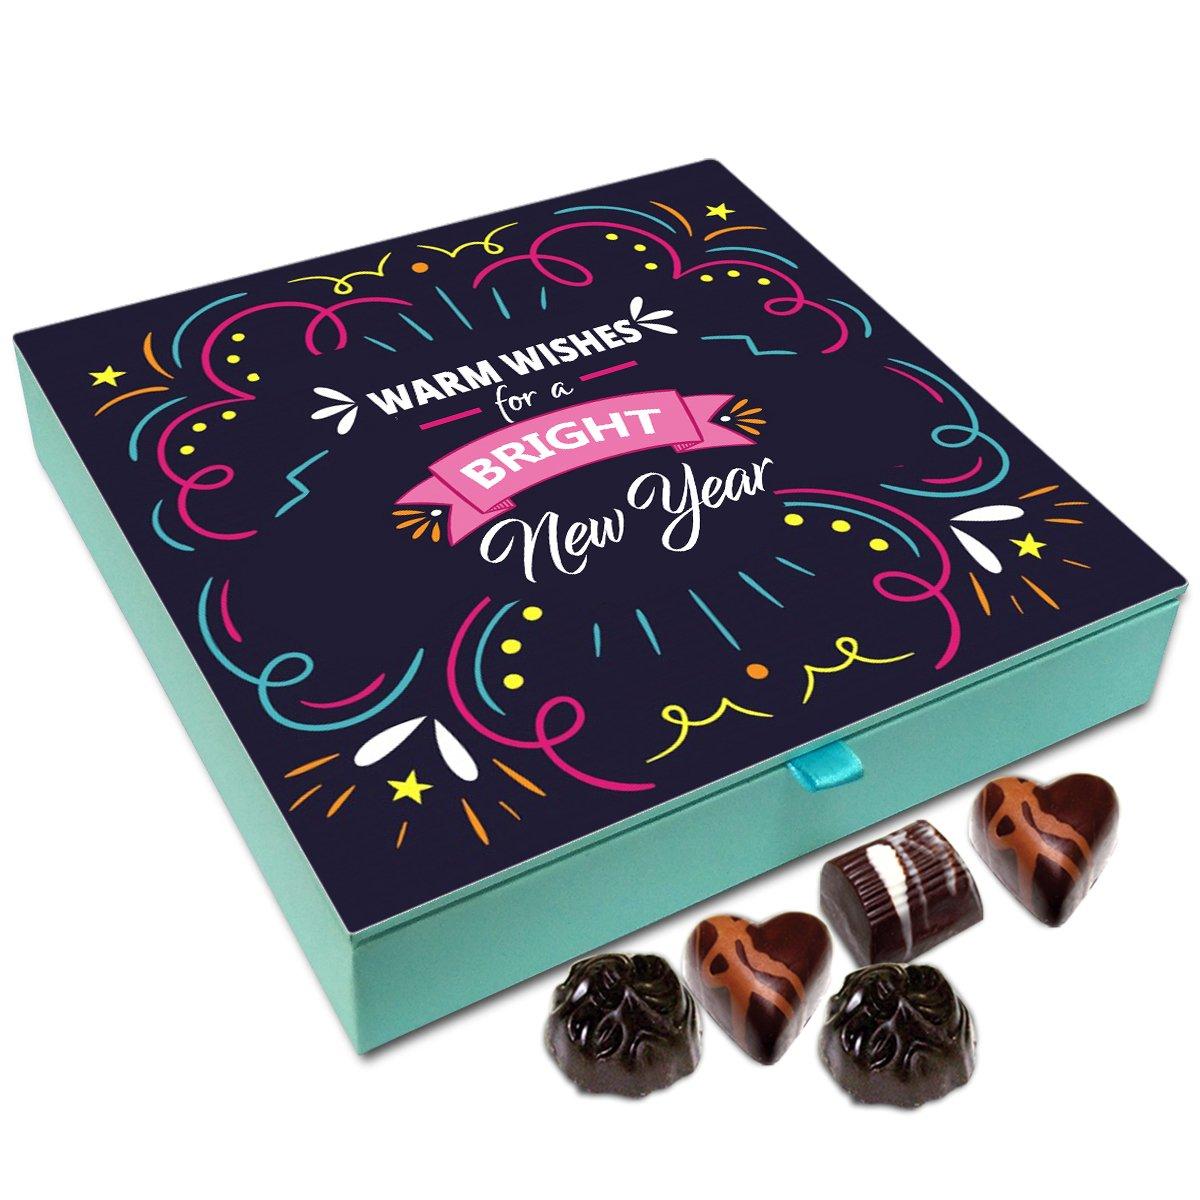 Chocholik New Year Chocolate Box – Accept My Warm Wishes for This New Year Chocolate Box – 9pc